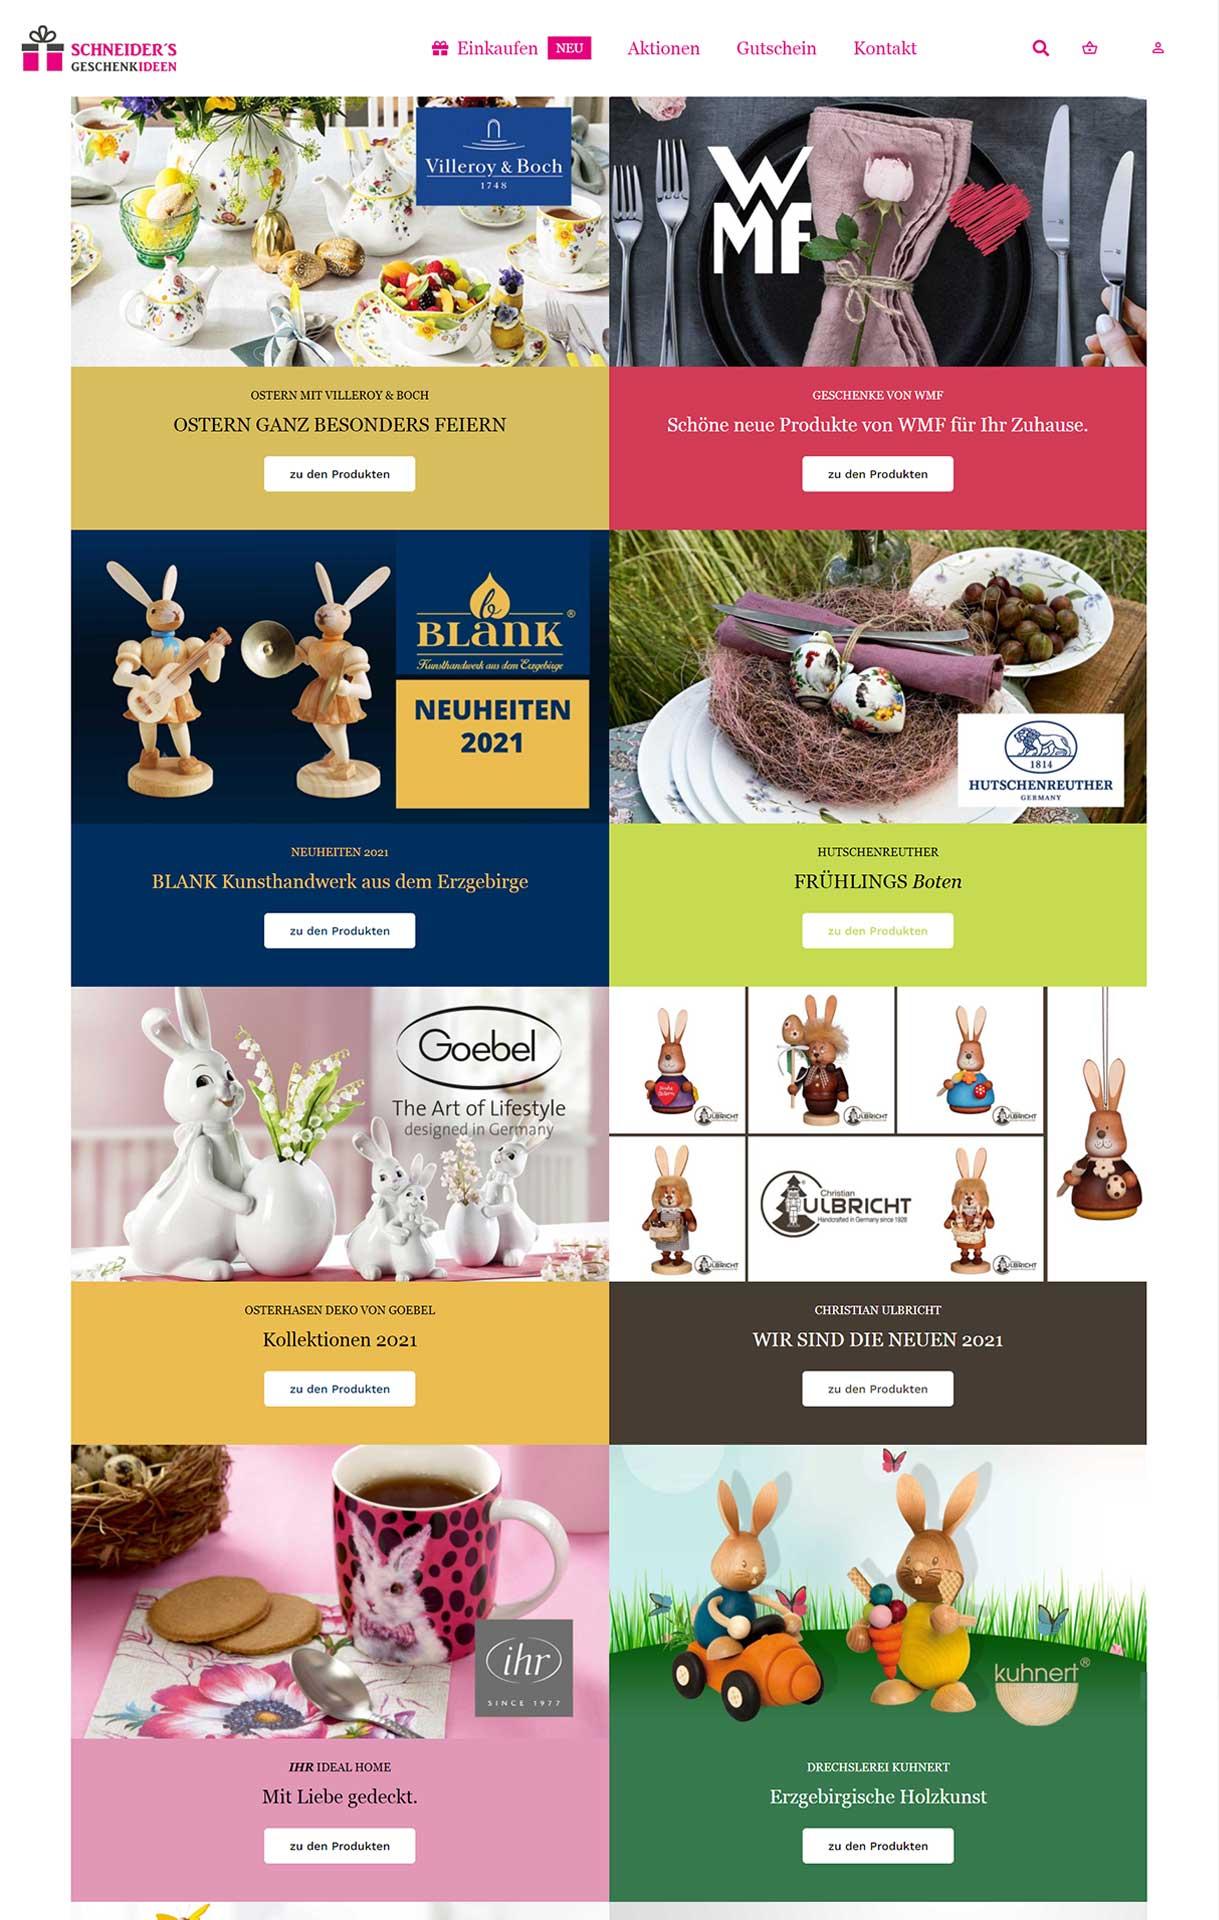 webdesign-flashlightmedia-werbeagentur-leipzig-grimma-startseite-schneiders-geschenkideen-onlineshop